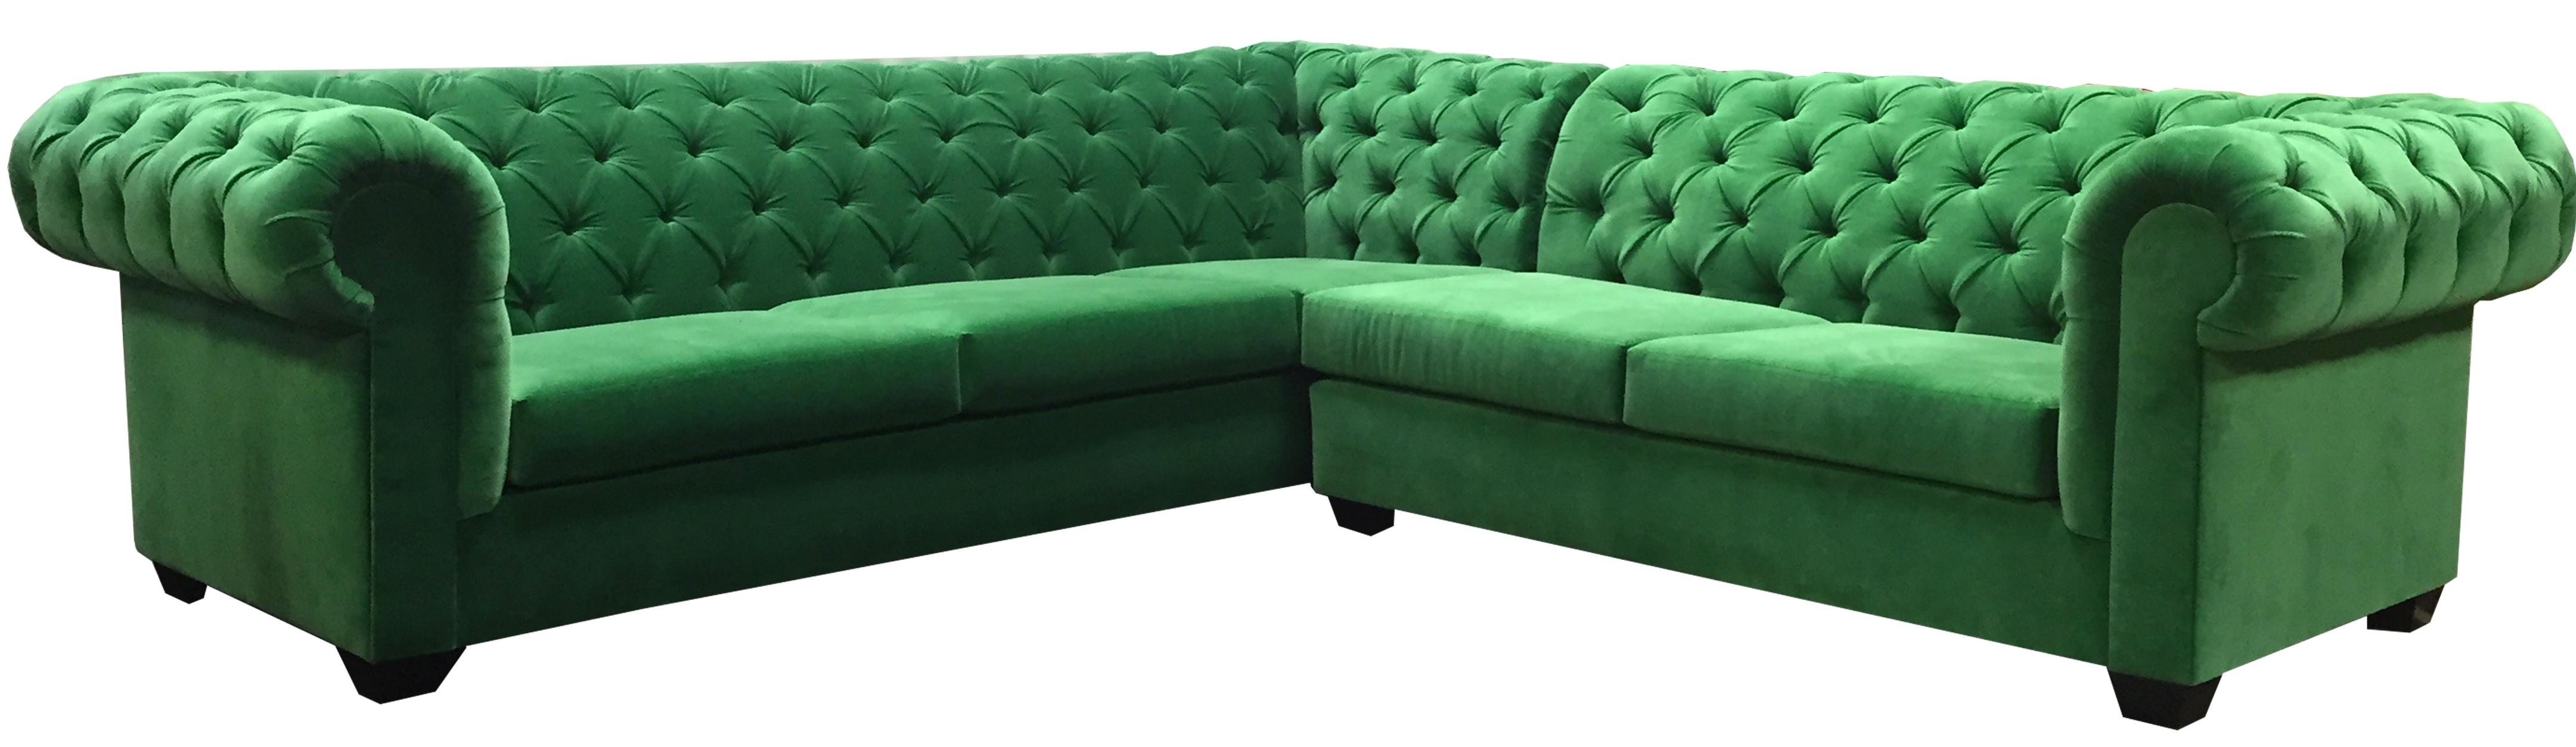 Kelly Green 'l' Sectional – Velvet – Designer8 Intended For Latest Green Sectional Sofas (View 14 of 20)